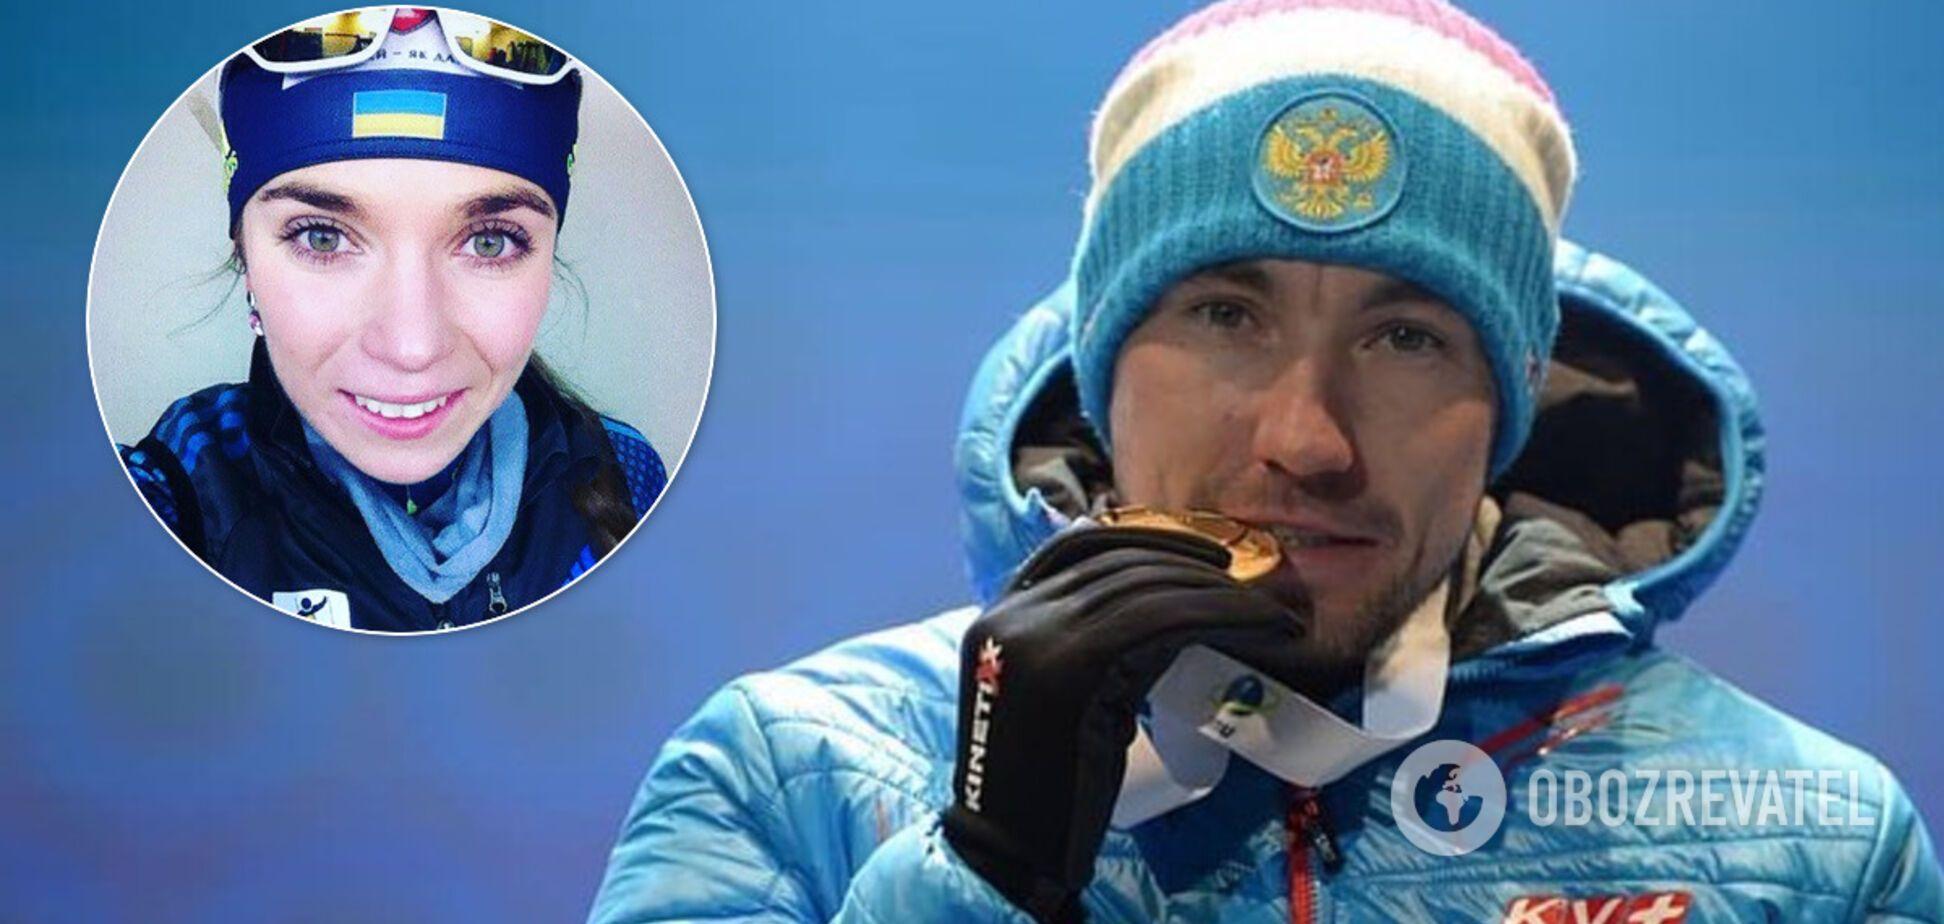 Дружина російського чемпіона світу з біатлону привітала його українською мовою